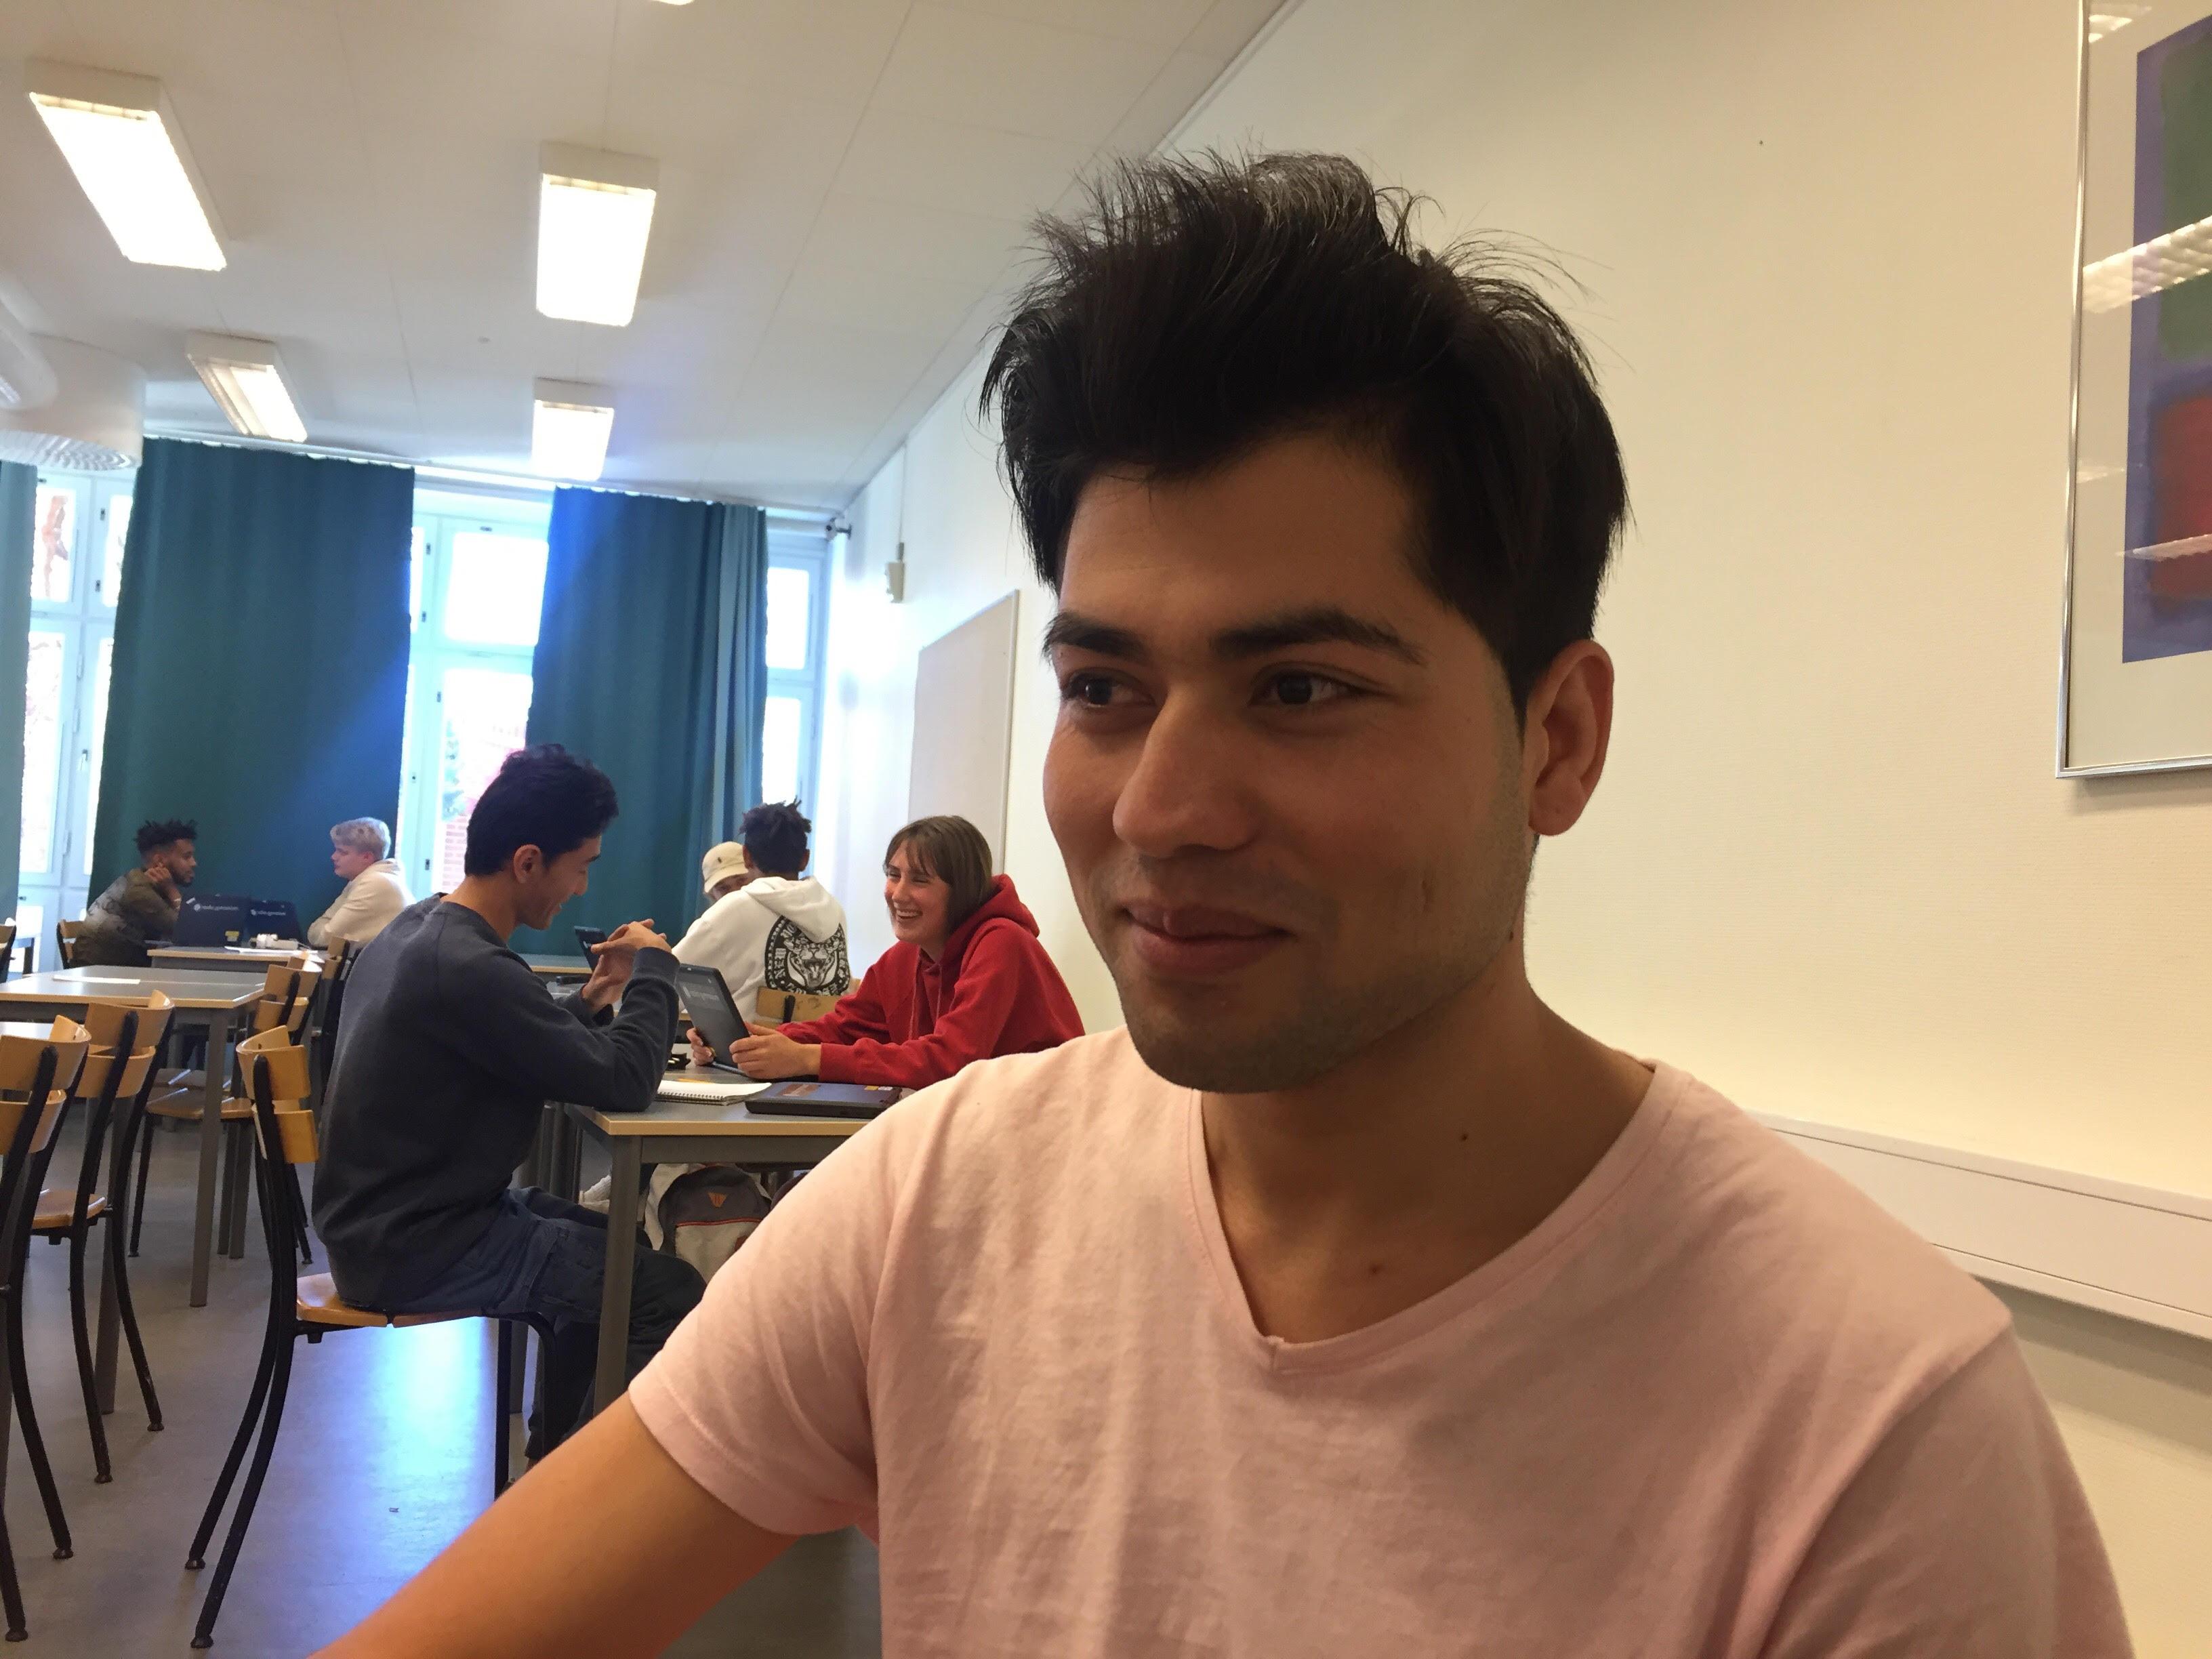 FOTO: Tyra Halldén